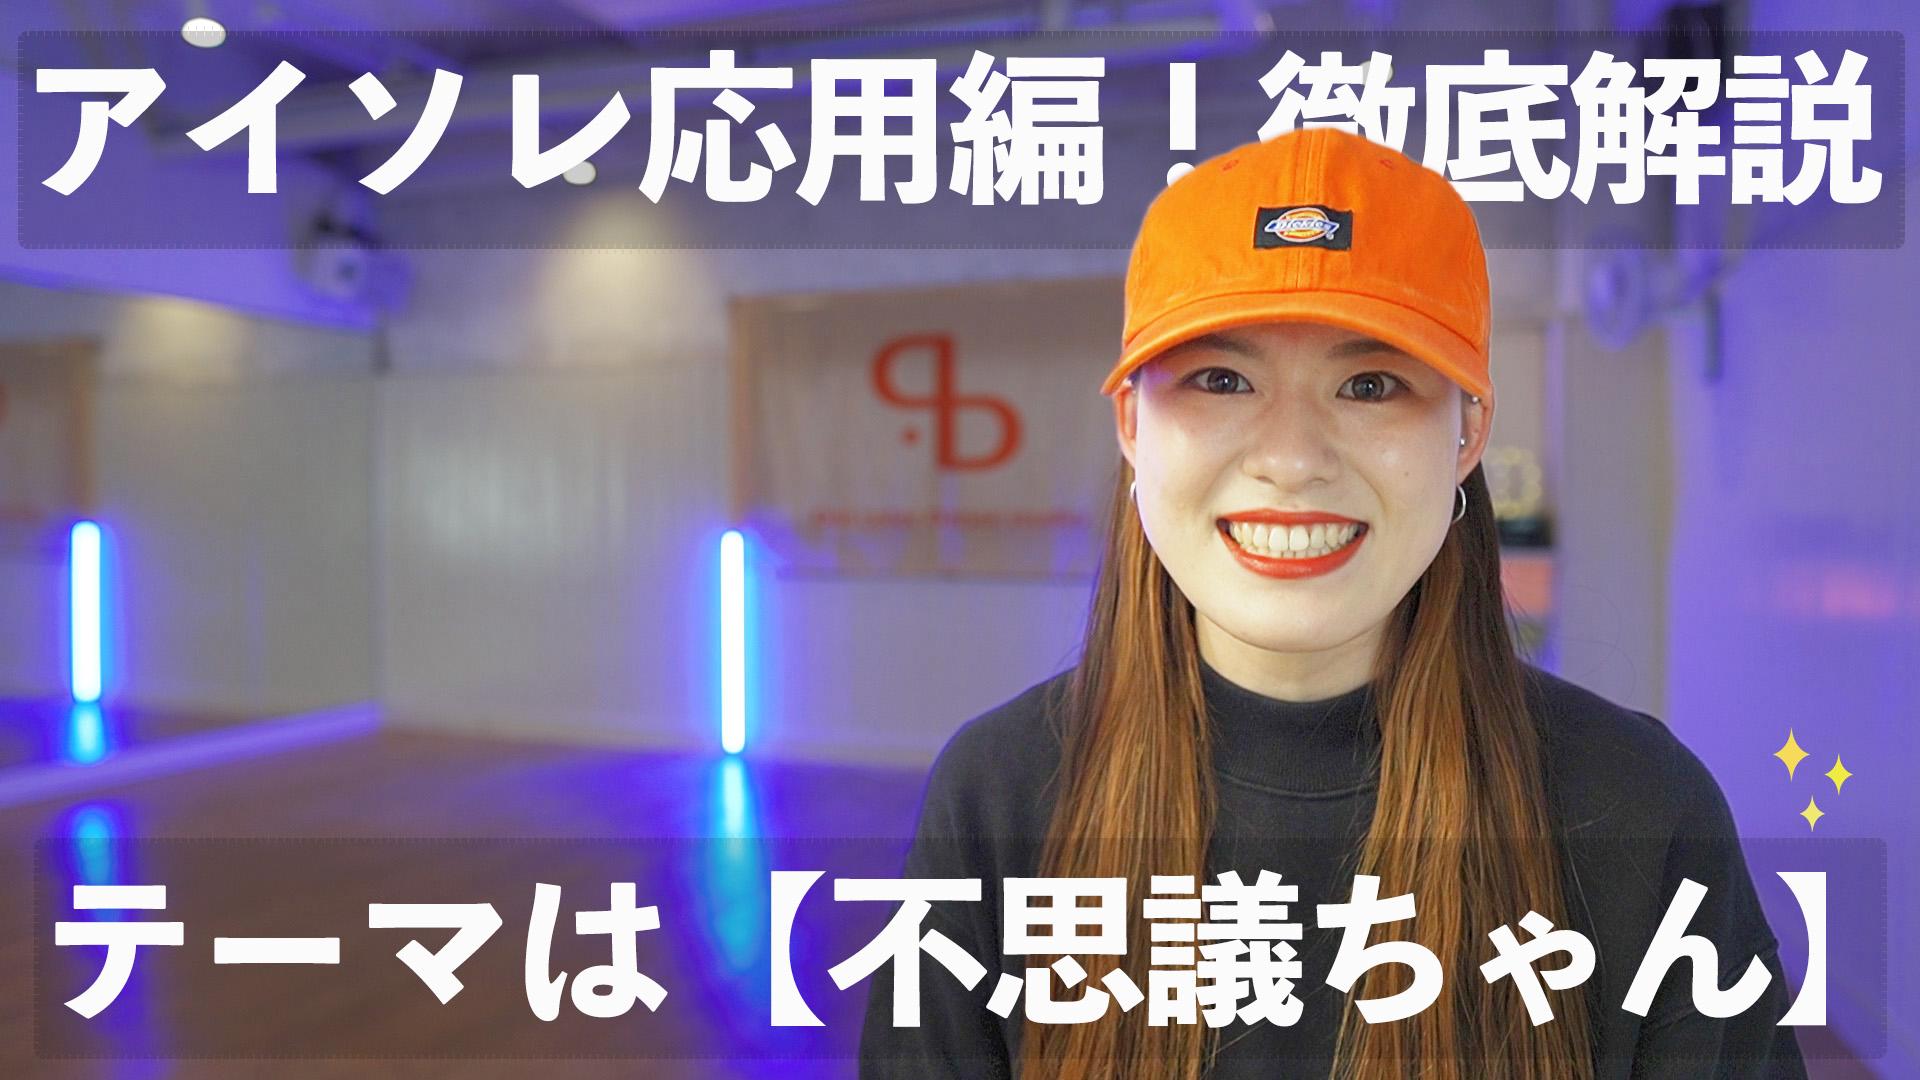 【ダンスレクチャー】アイソレの応用編!ダンスが上手くなる動き徹底解説!